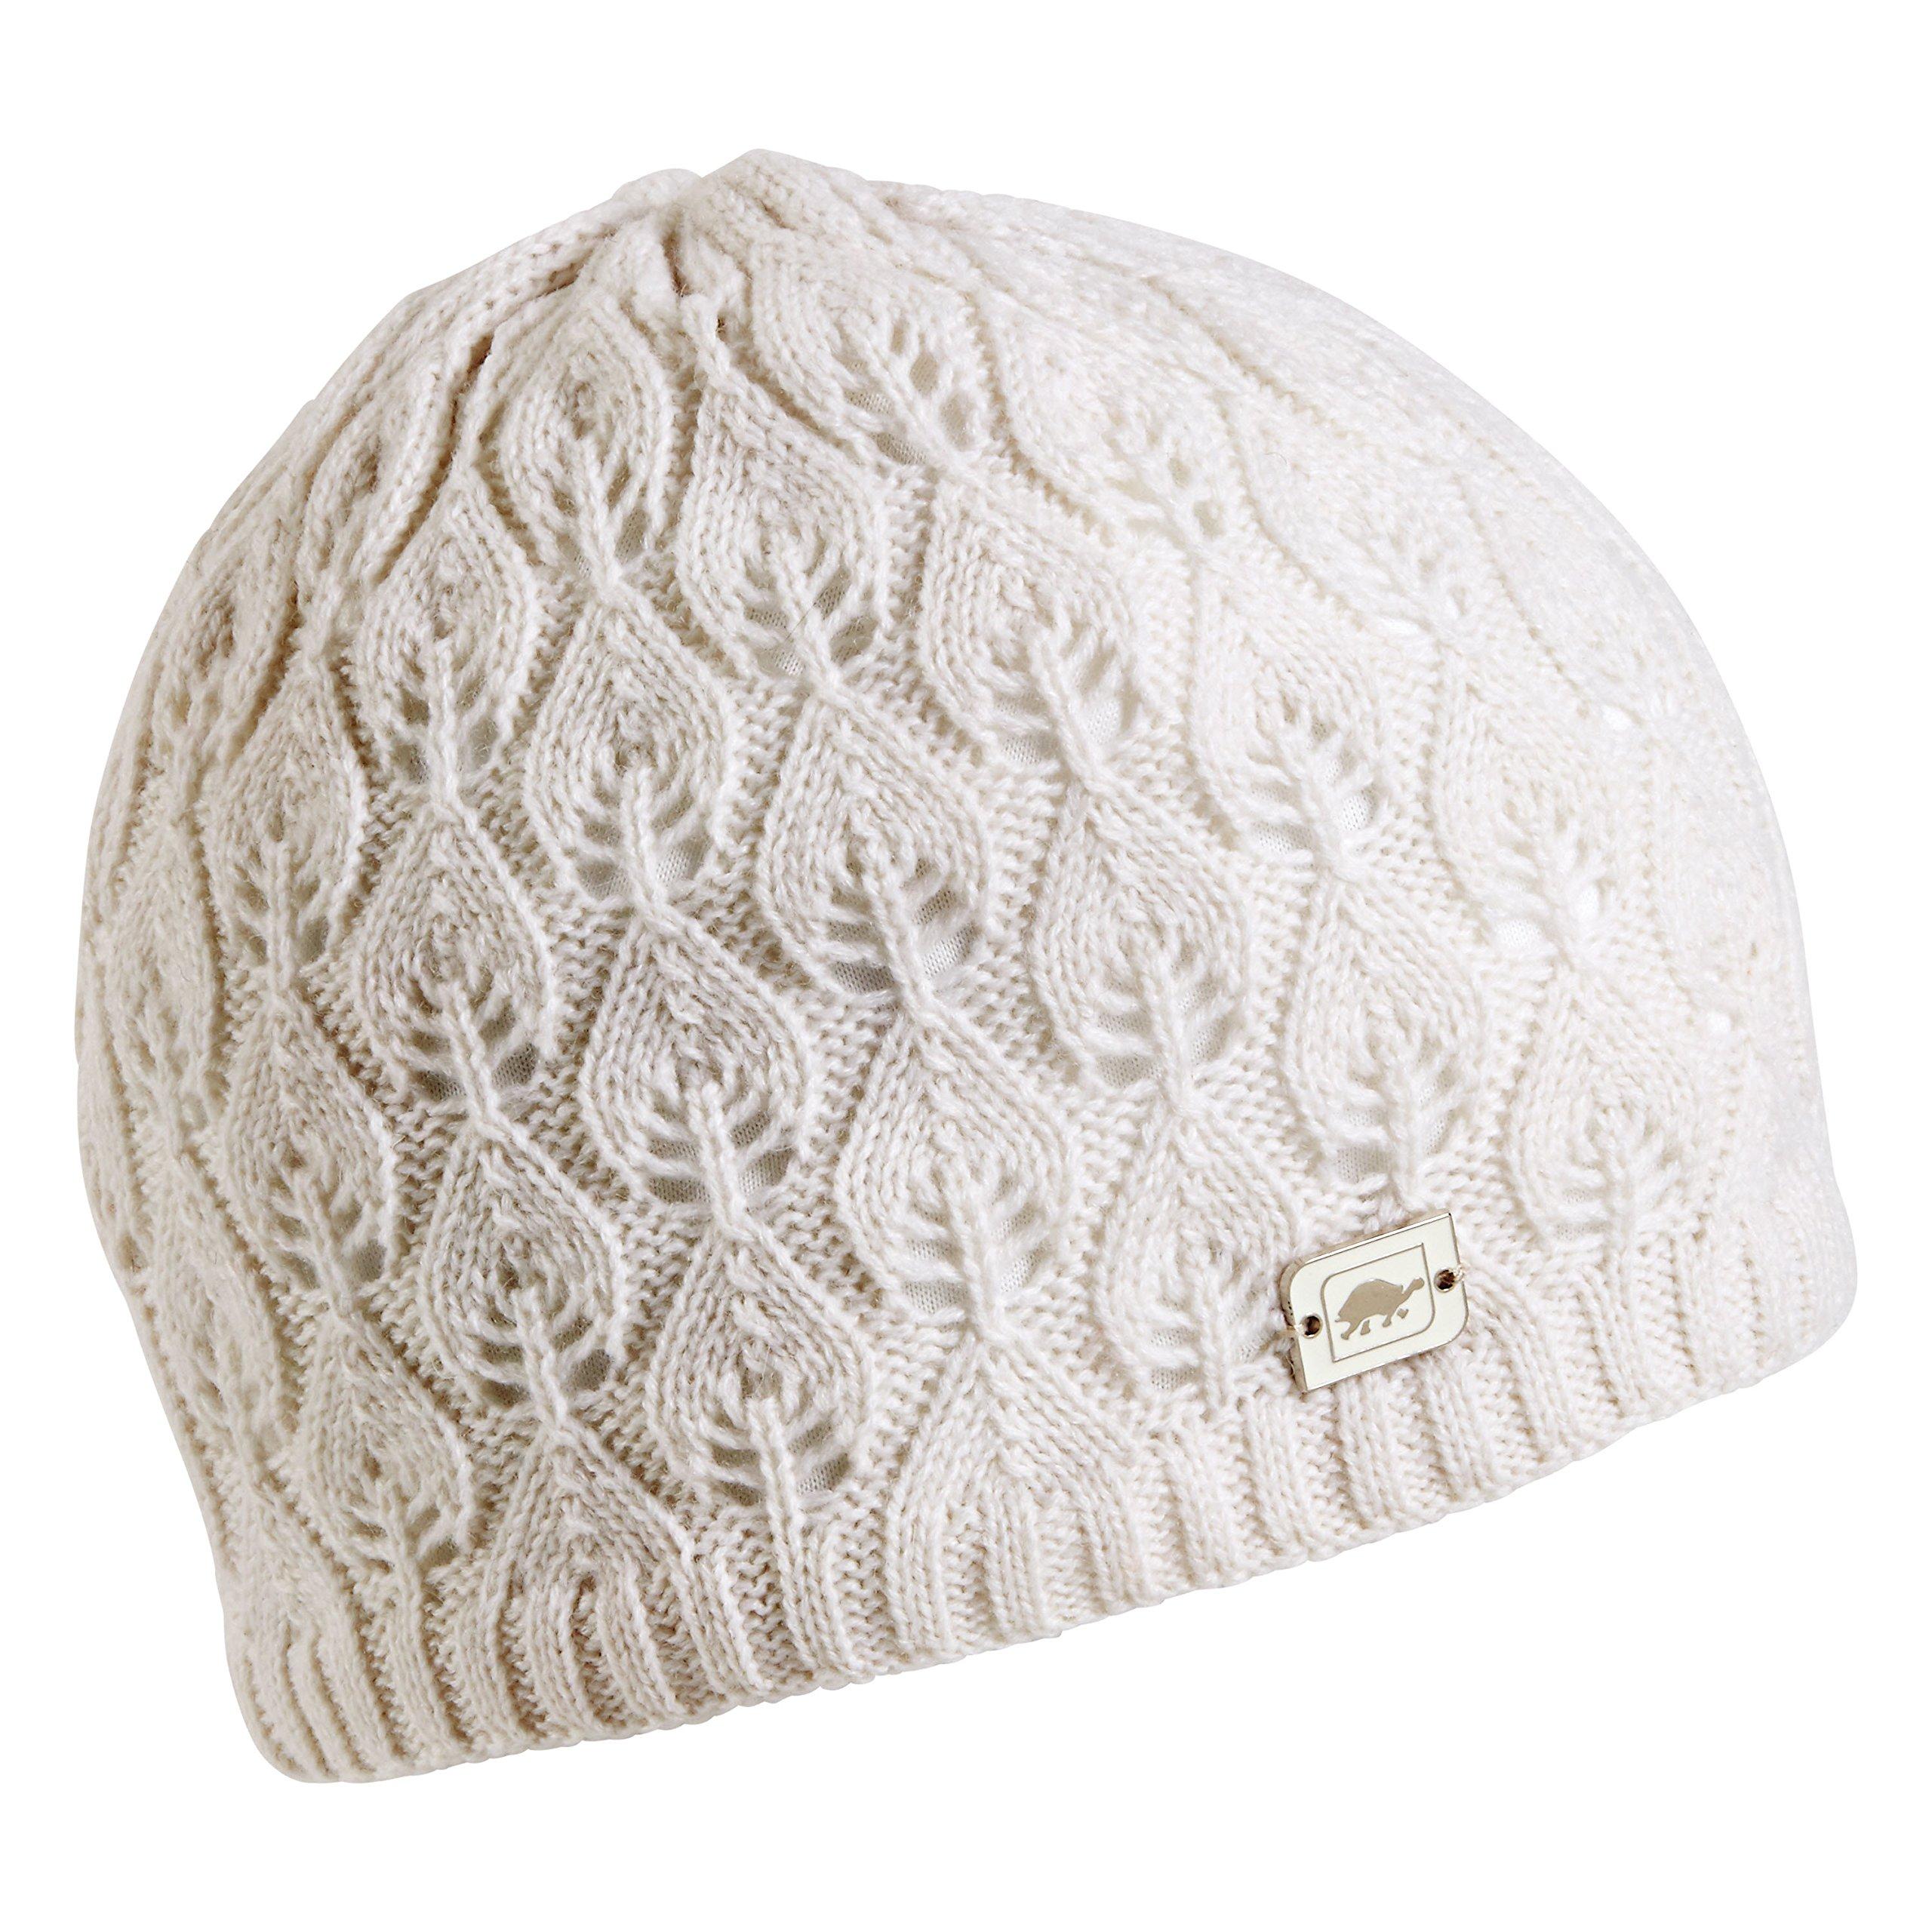 Turtle Fur Women's Aspen, Fleece Lined Merino Wool Knit Beanie, White